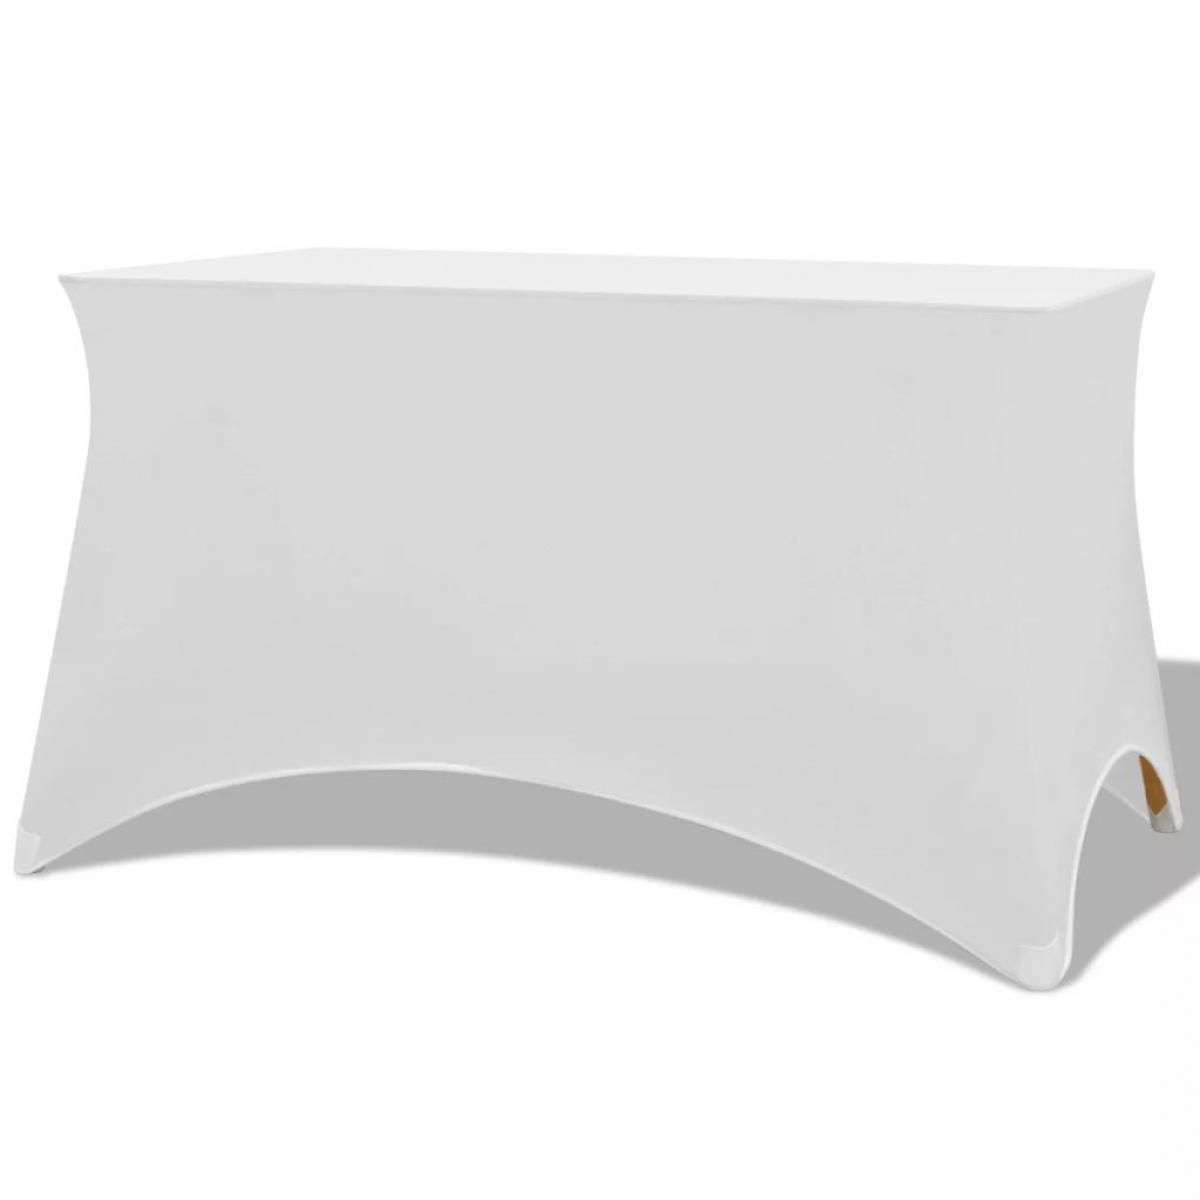 Vidaxl Housses extensibles pour table 2 pièces 183 x 76 x 74 cm Blanc - Blanc